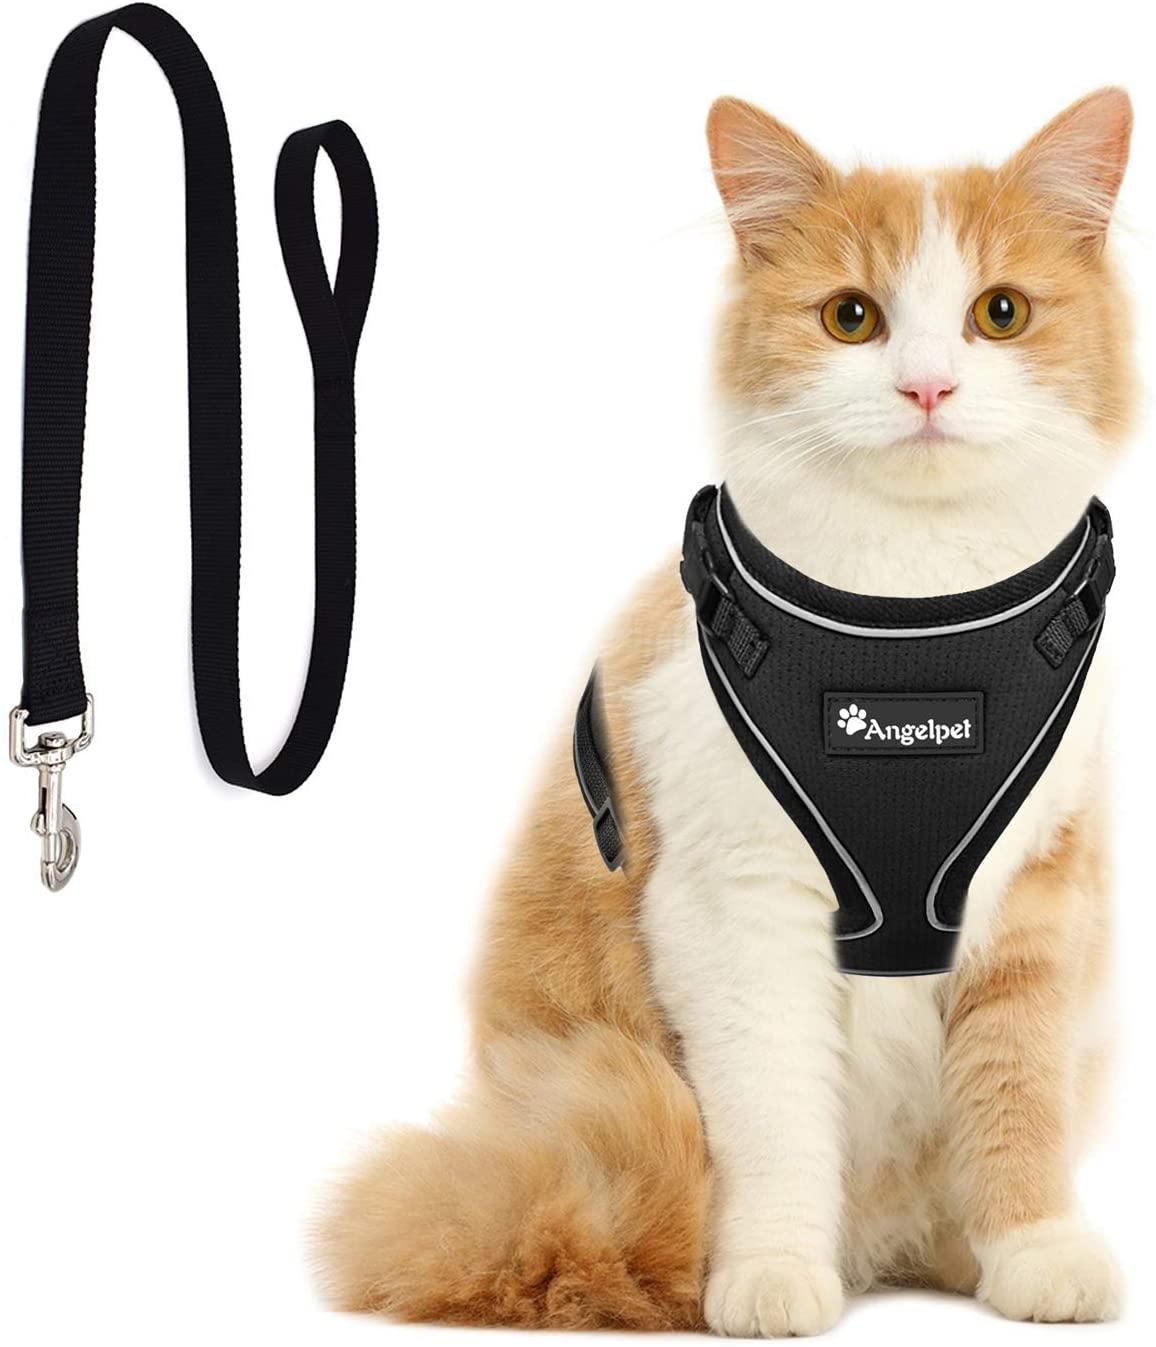 【2021年最新版】猫用ハーネスの人気おすすめランキング10選【手作り方法も】